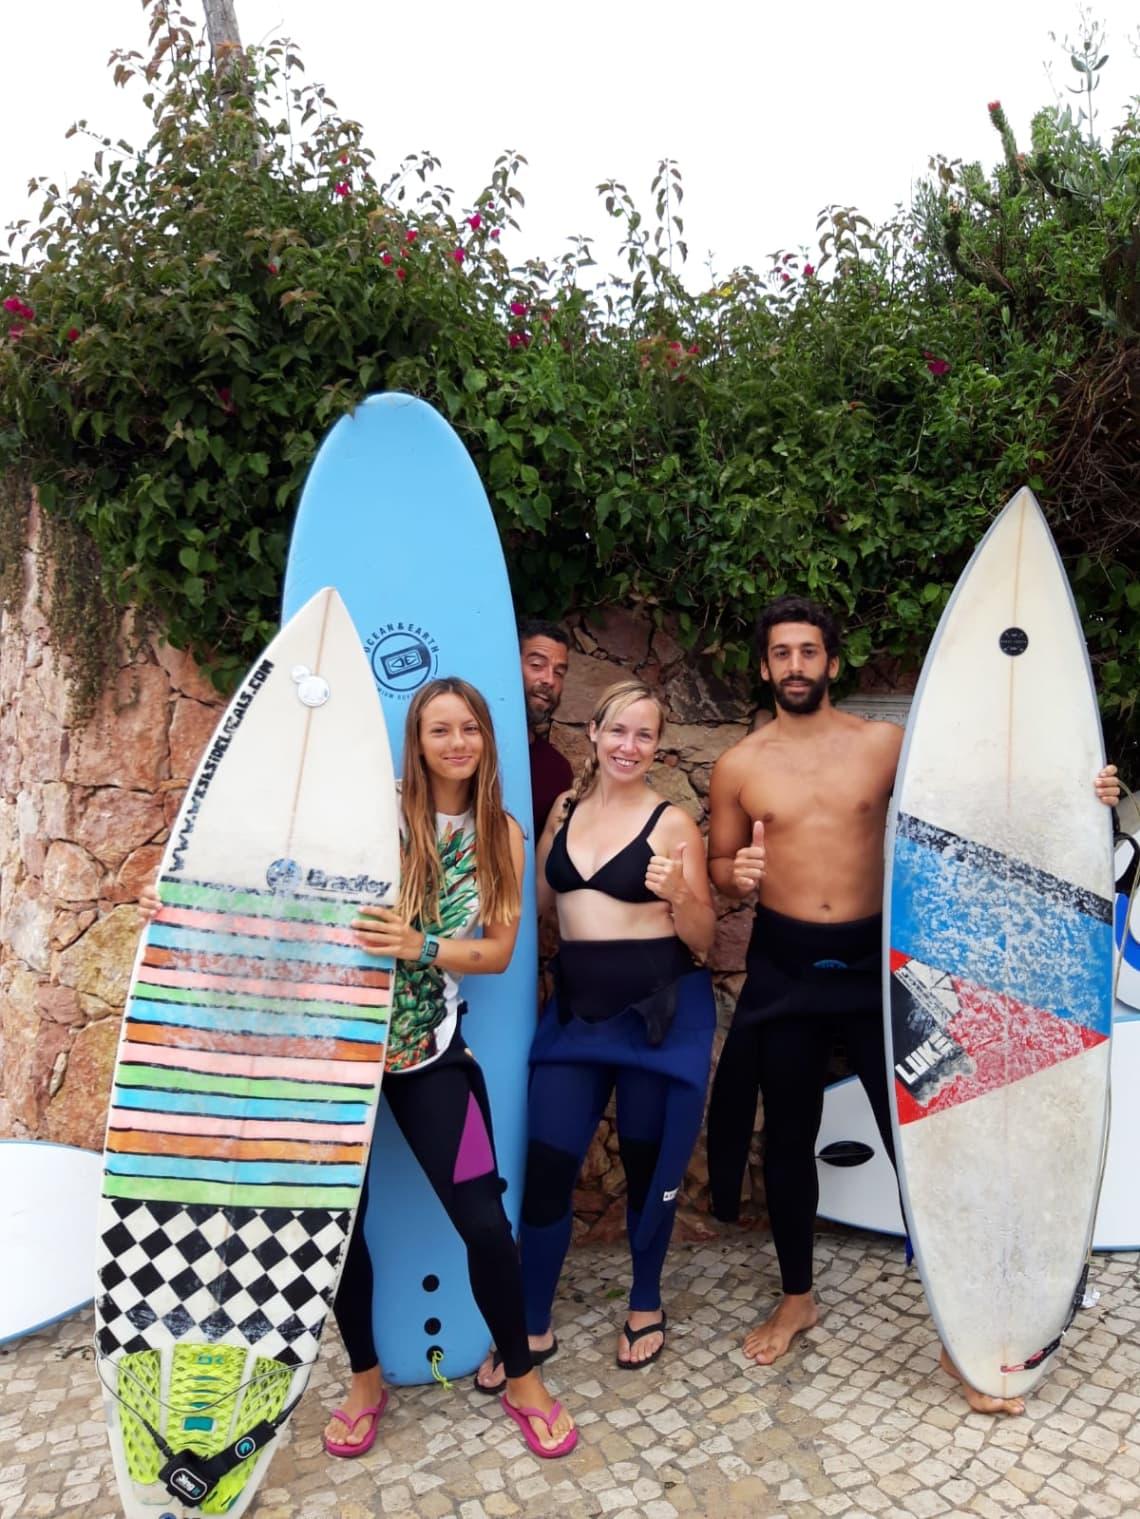 Voluntariando y surfeando en Portugal con 7 euros al día con Worldpackers -Marie-Eve Leclerc